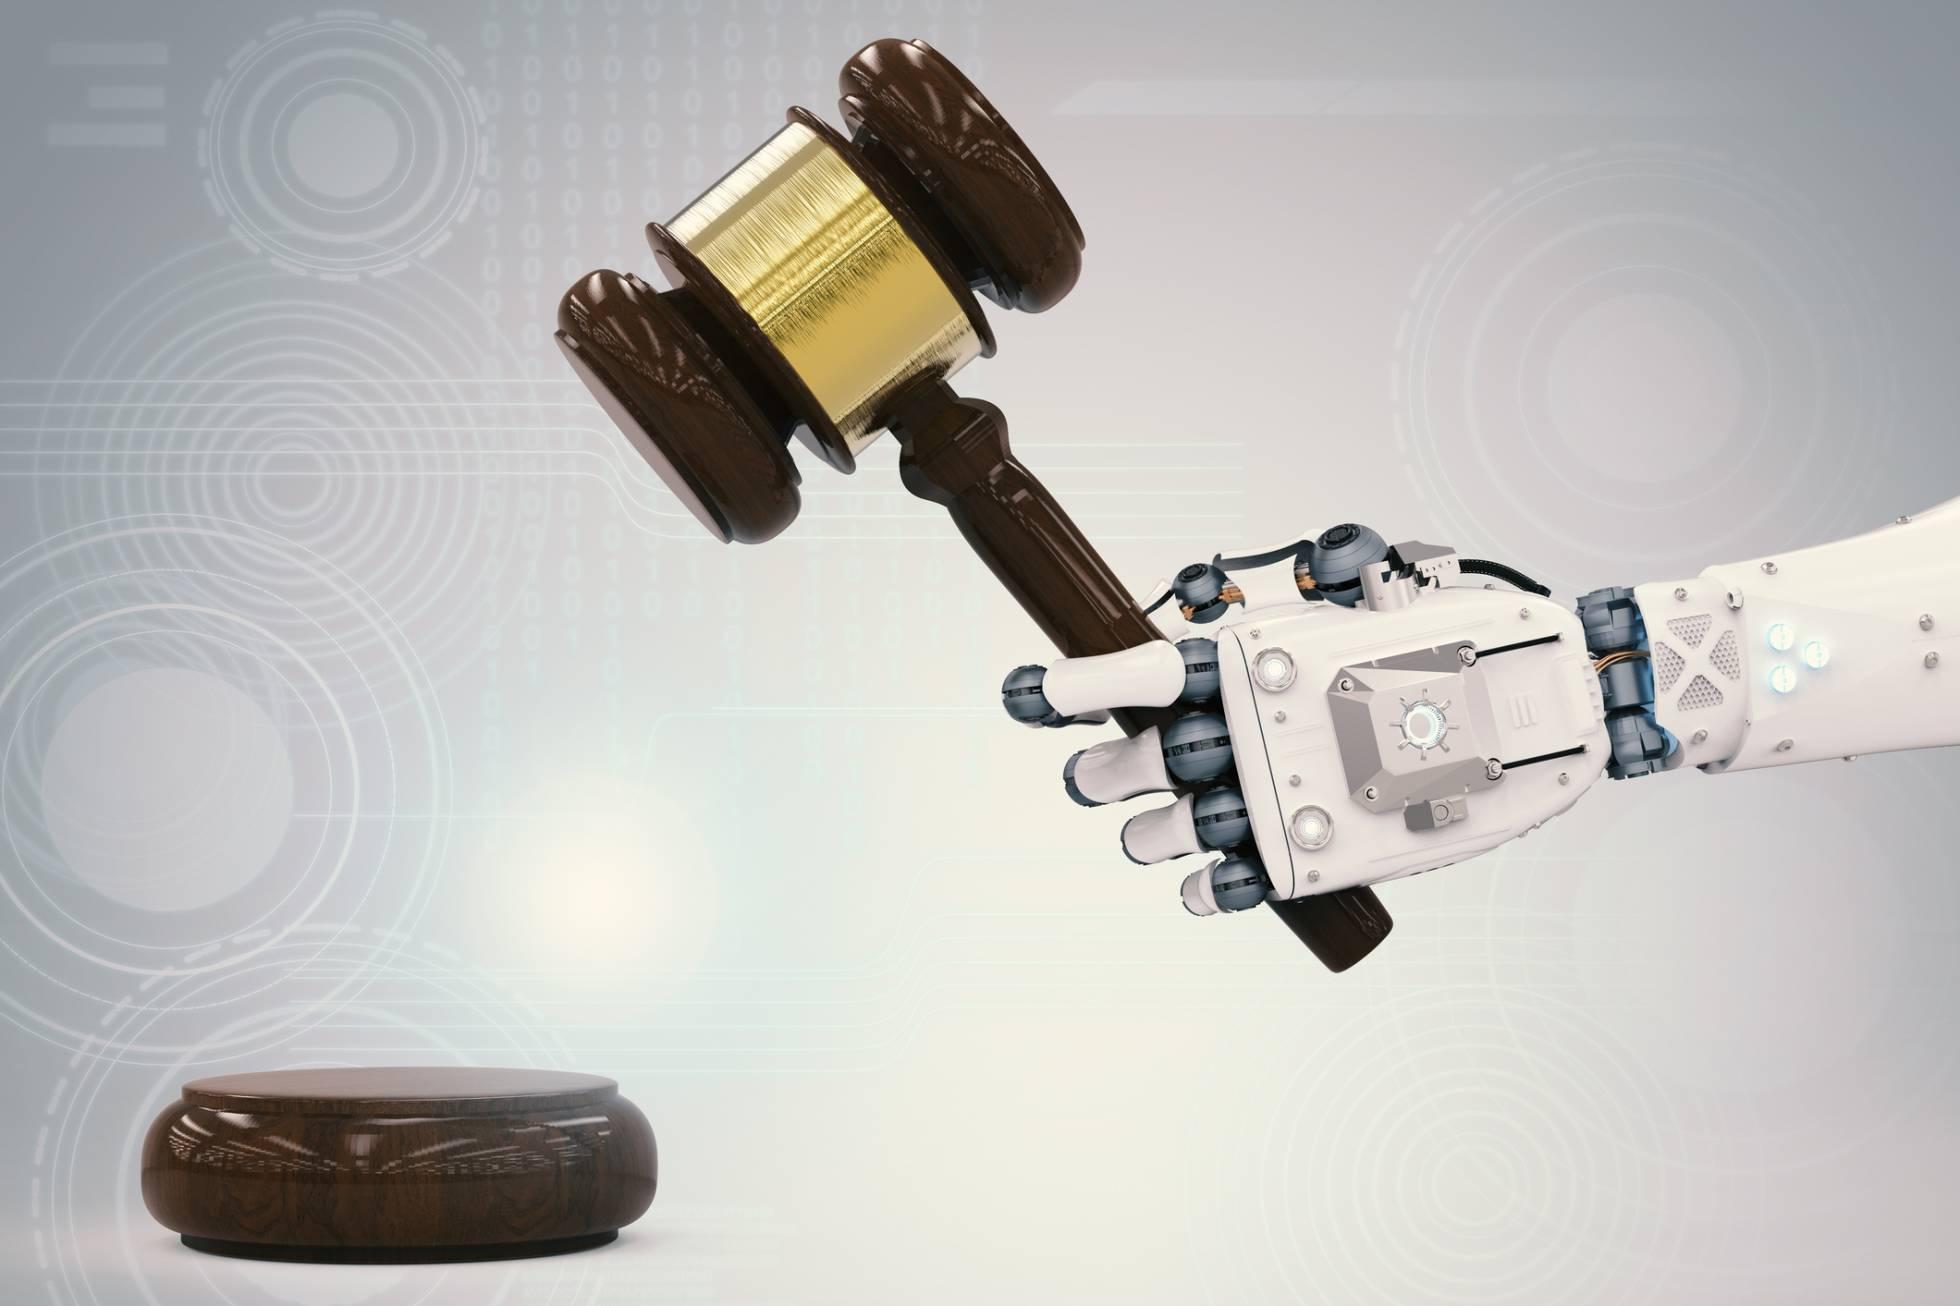 Derecho Alerta 'legaltech': ¿sustituirá la inteligencia artificial a los abogados?